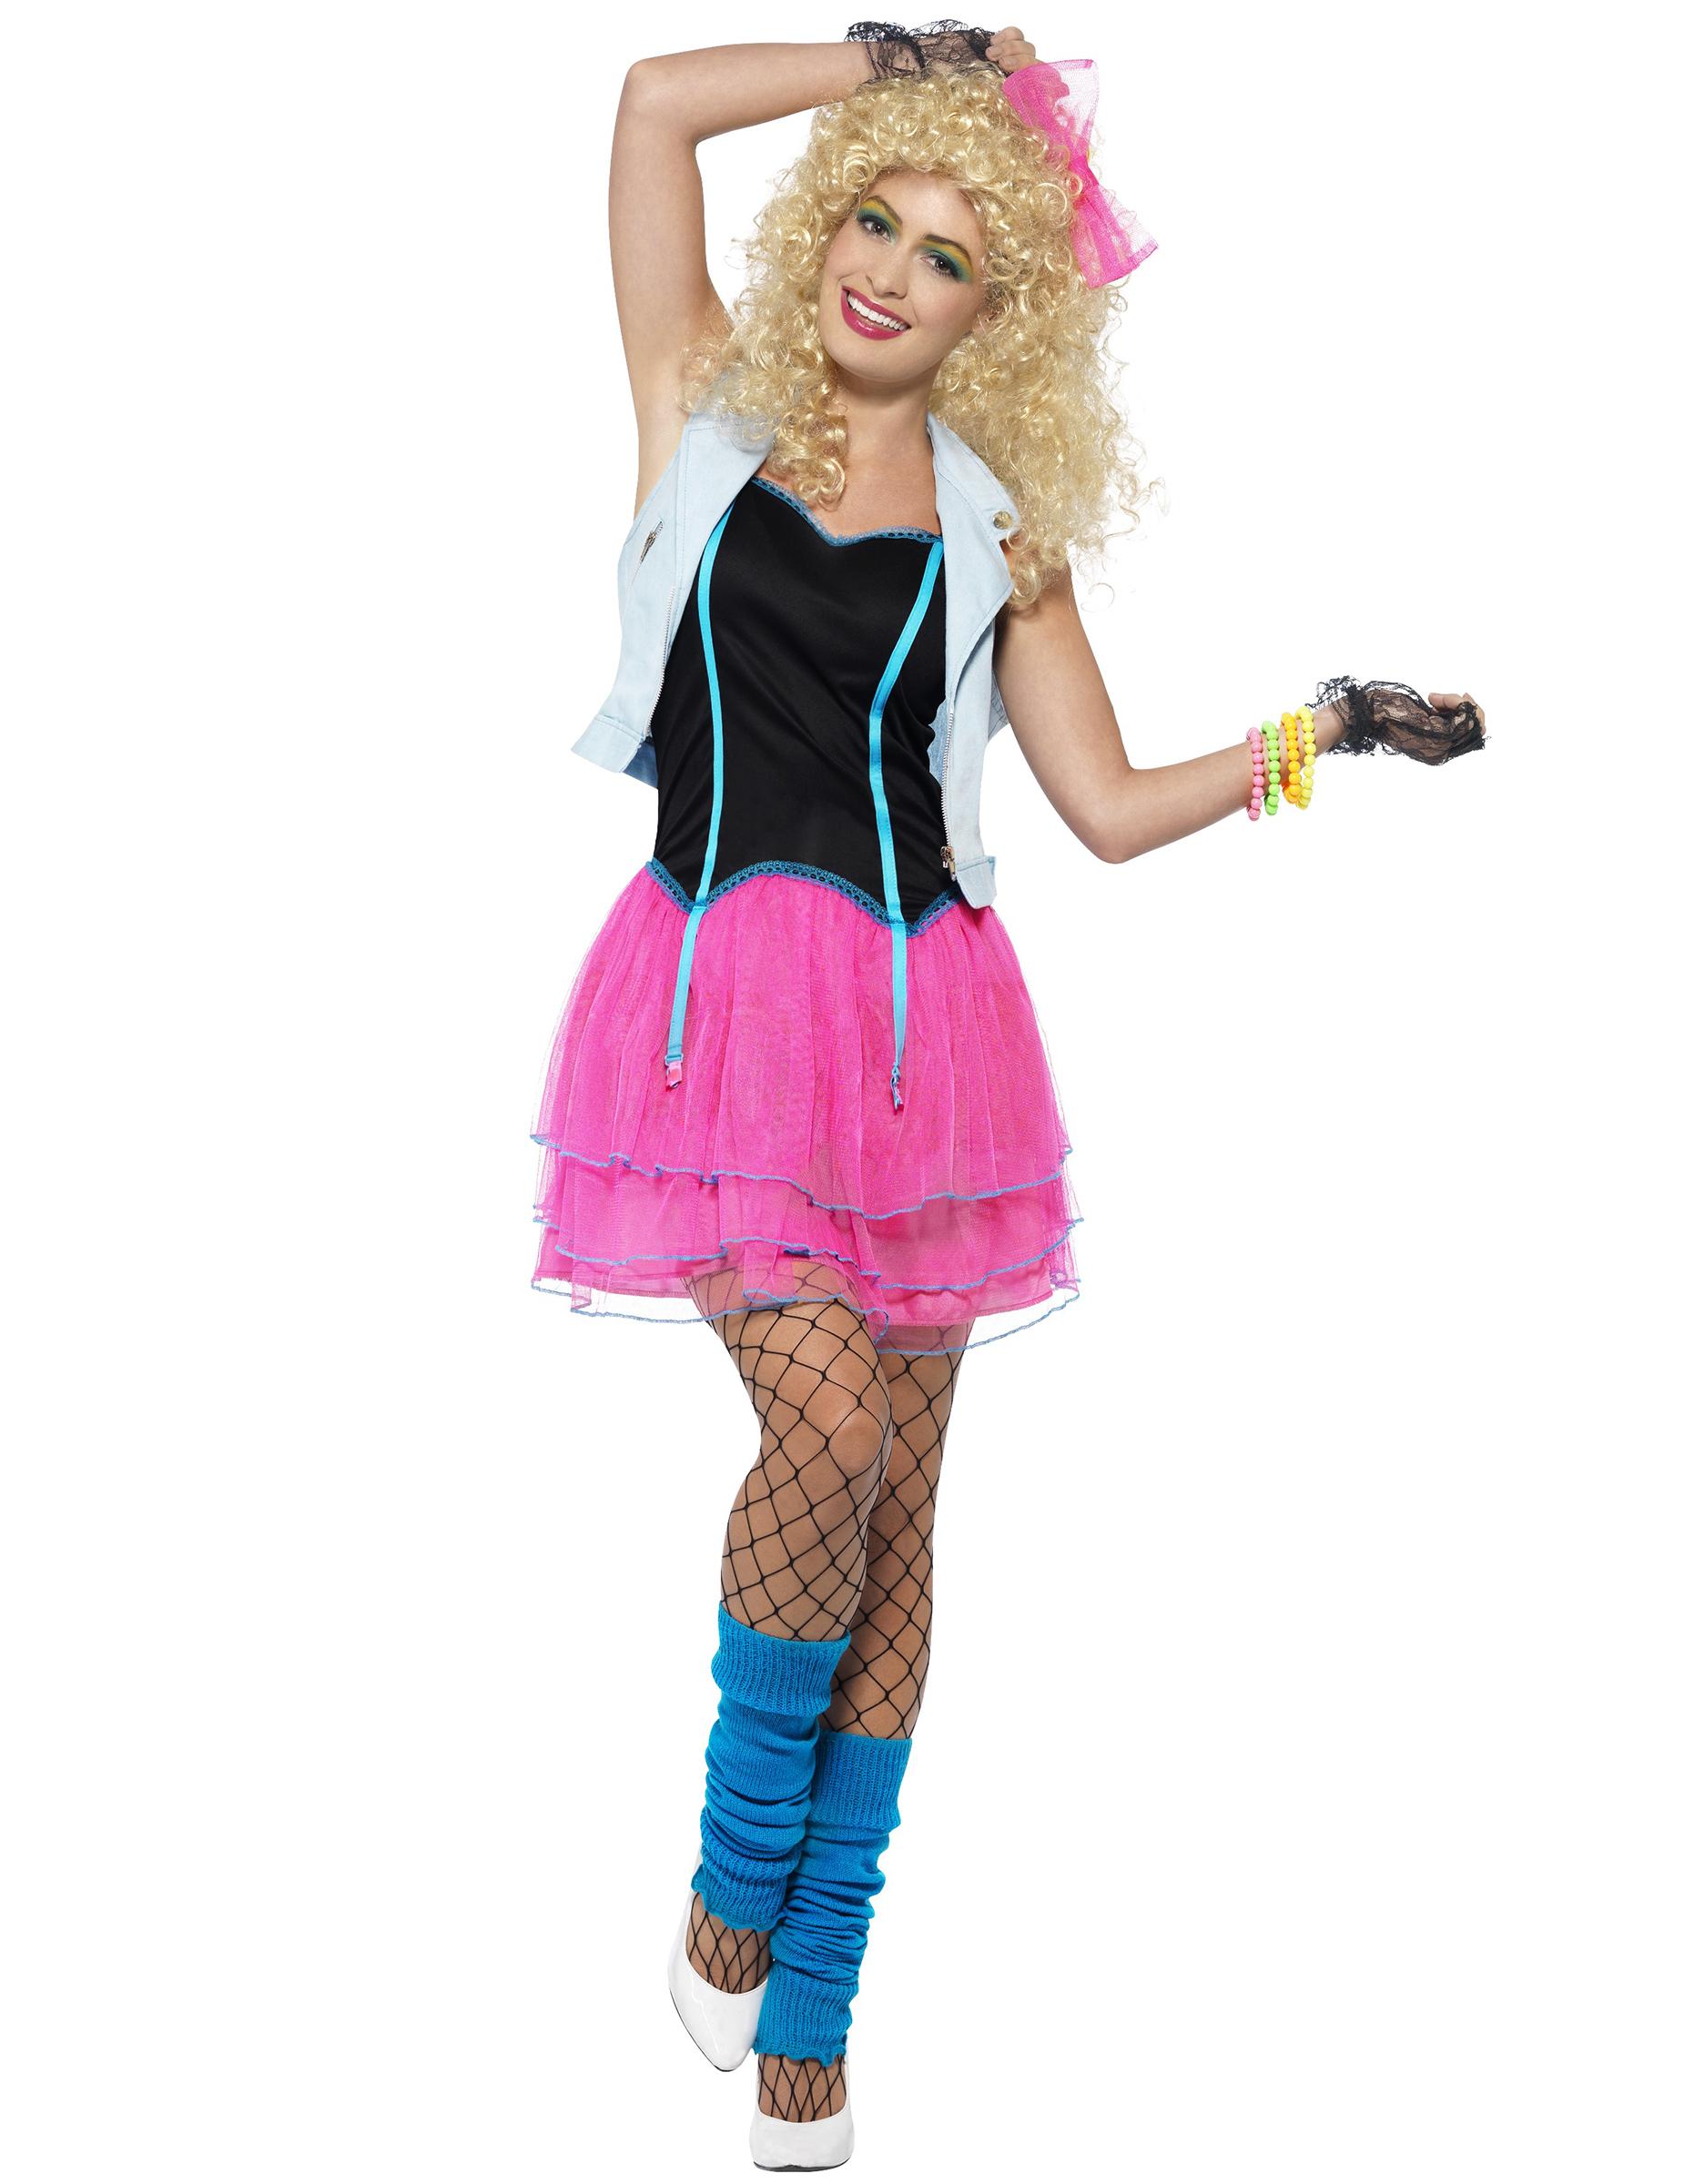 Disfraz rosa y negro años 80 mujer: Disfraces adultos,y disfraces ...